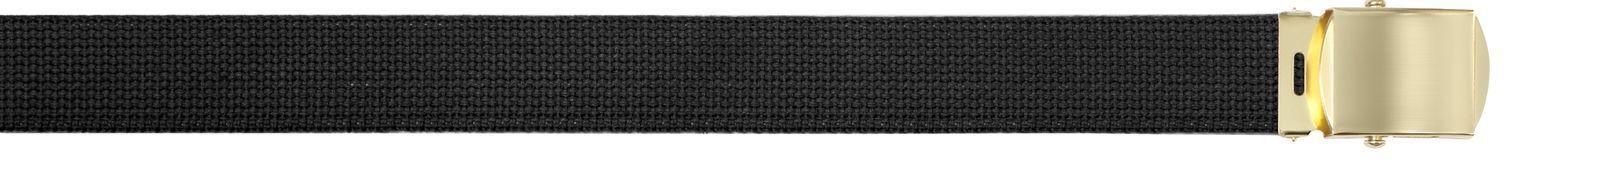 Baumwolle Militär Web Gürtel mit Messing Oder Chrom Schnalle